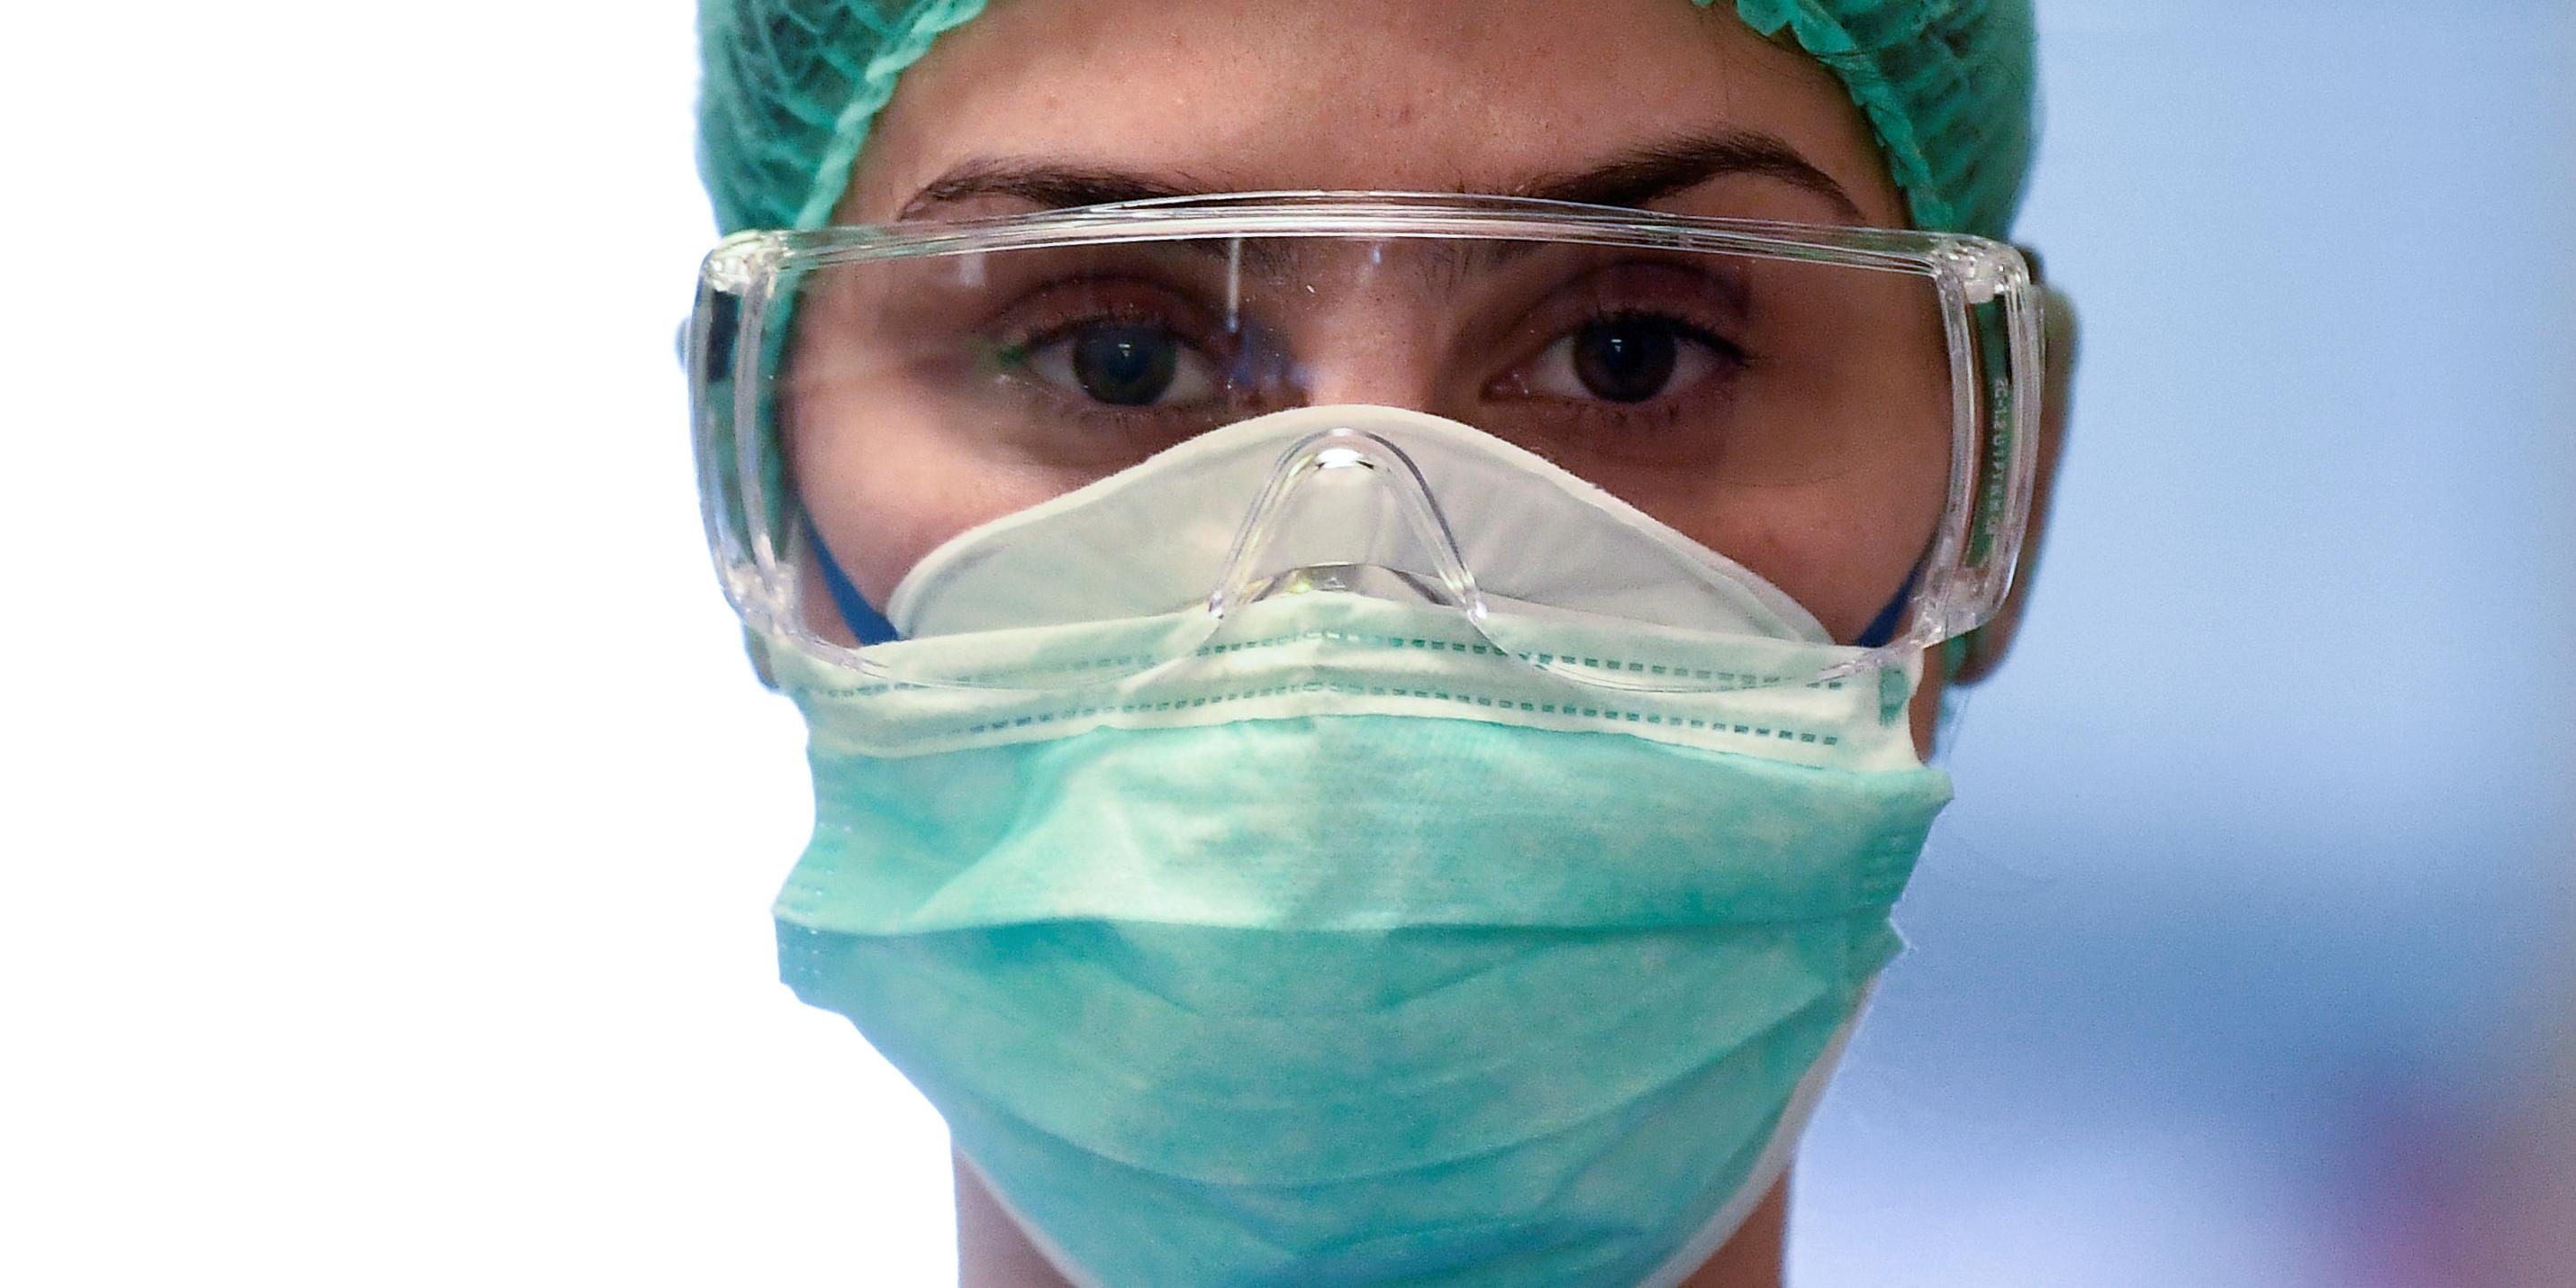 coronavirus-covid-19-un-soignant-porte-un-masque-et-des-lunettes-dans-un-hopital-en-italie